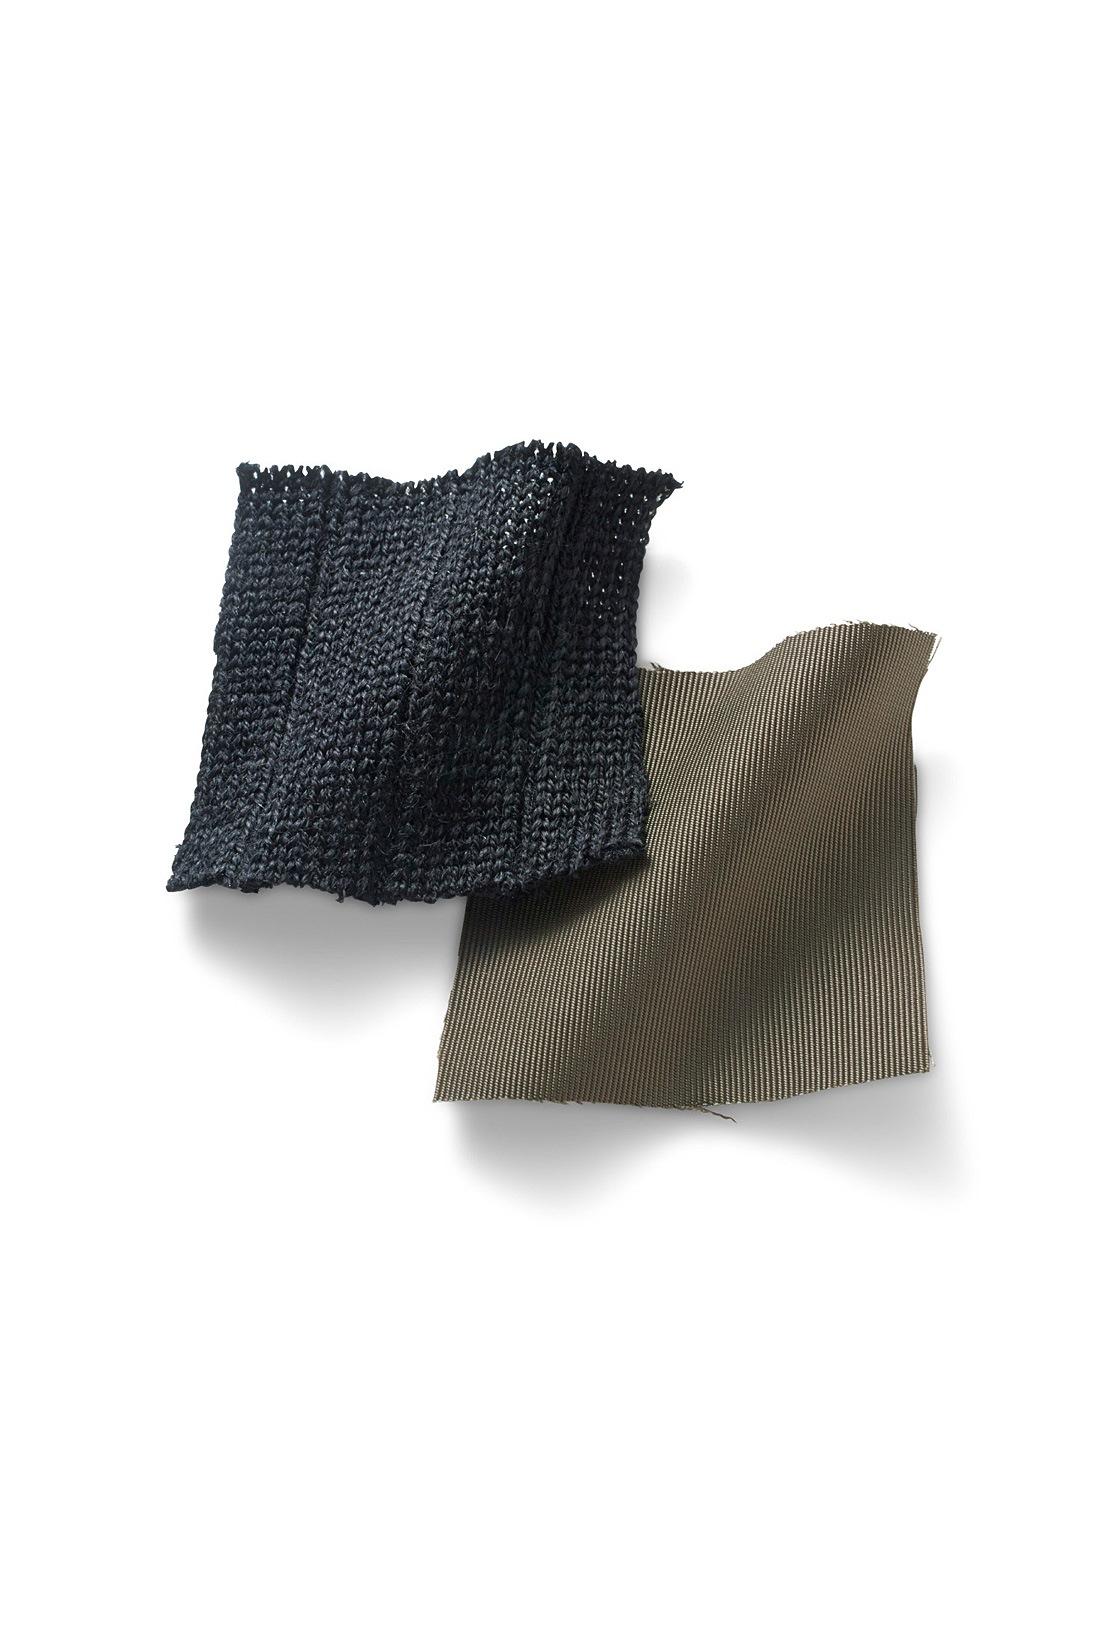 リブでスッキリ見えるニットトップスと、光沢がきれいなスカートの地。メモリータッチでしわになりにくいのが◎。